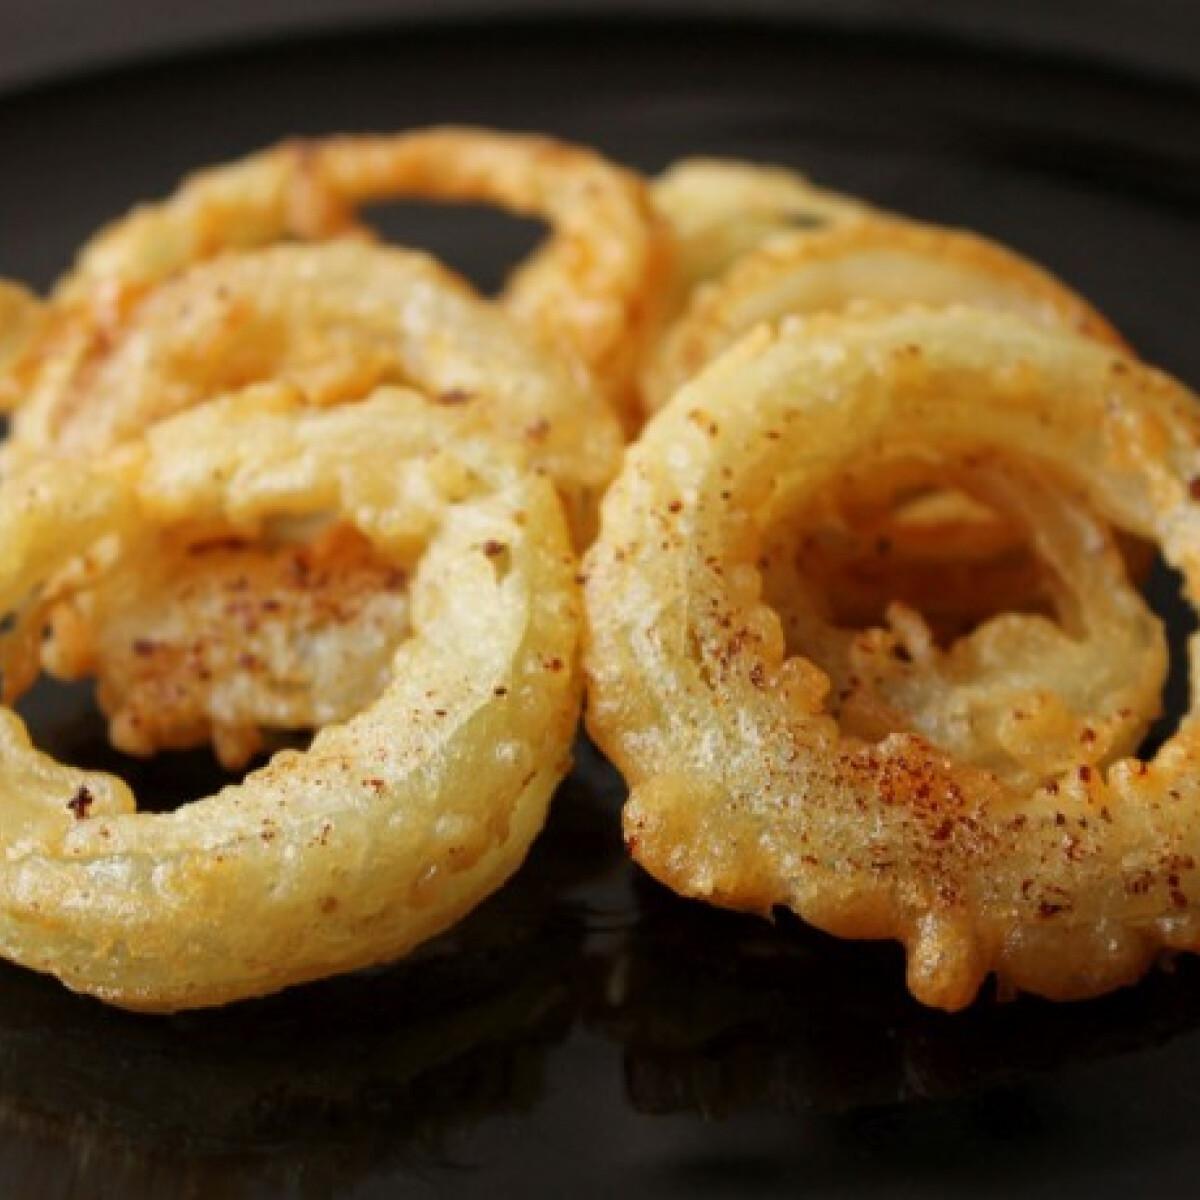 Ezen a képen: Sörtésztában sült hagymakarikák